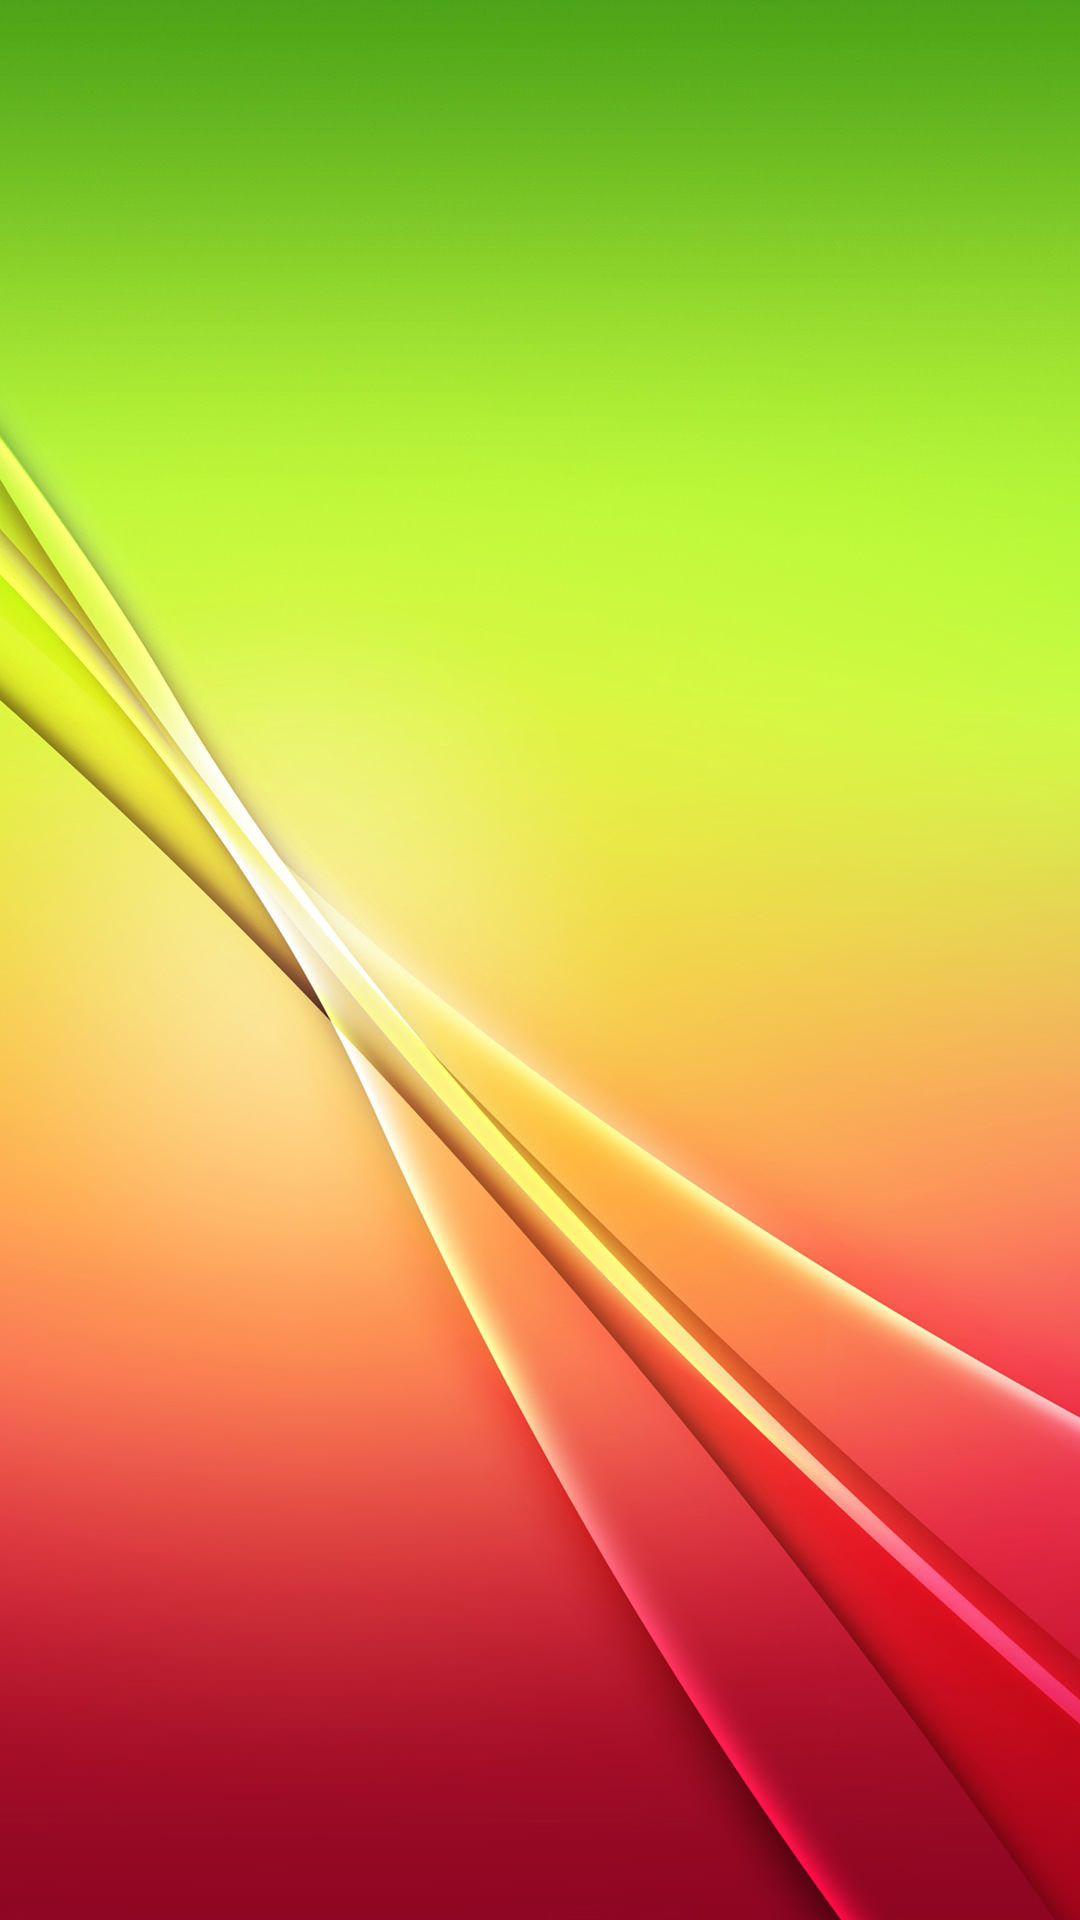 赤と緑のグラデーション Iphone6 Plus 壁紙 壁紙 Ipad 明るい壁紙